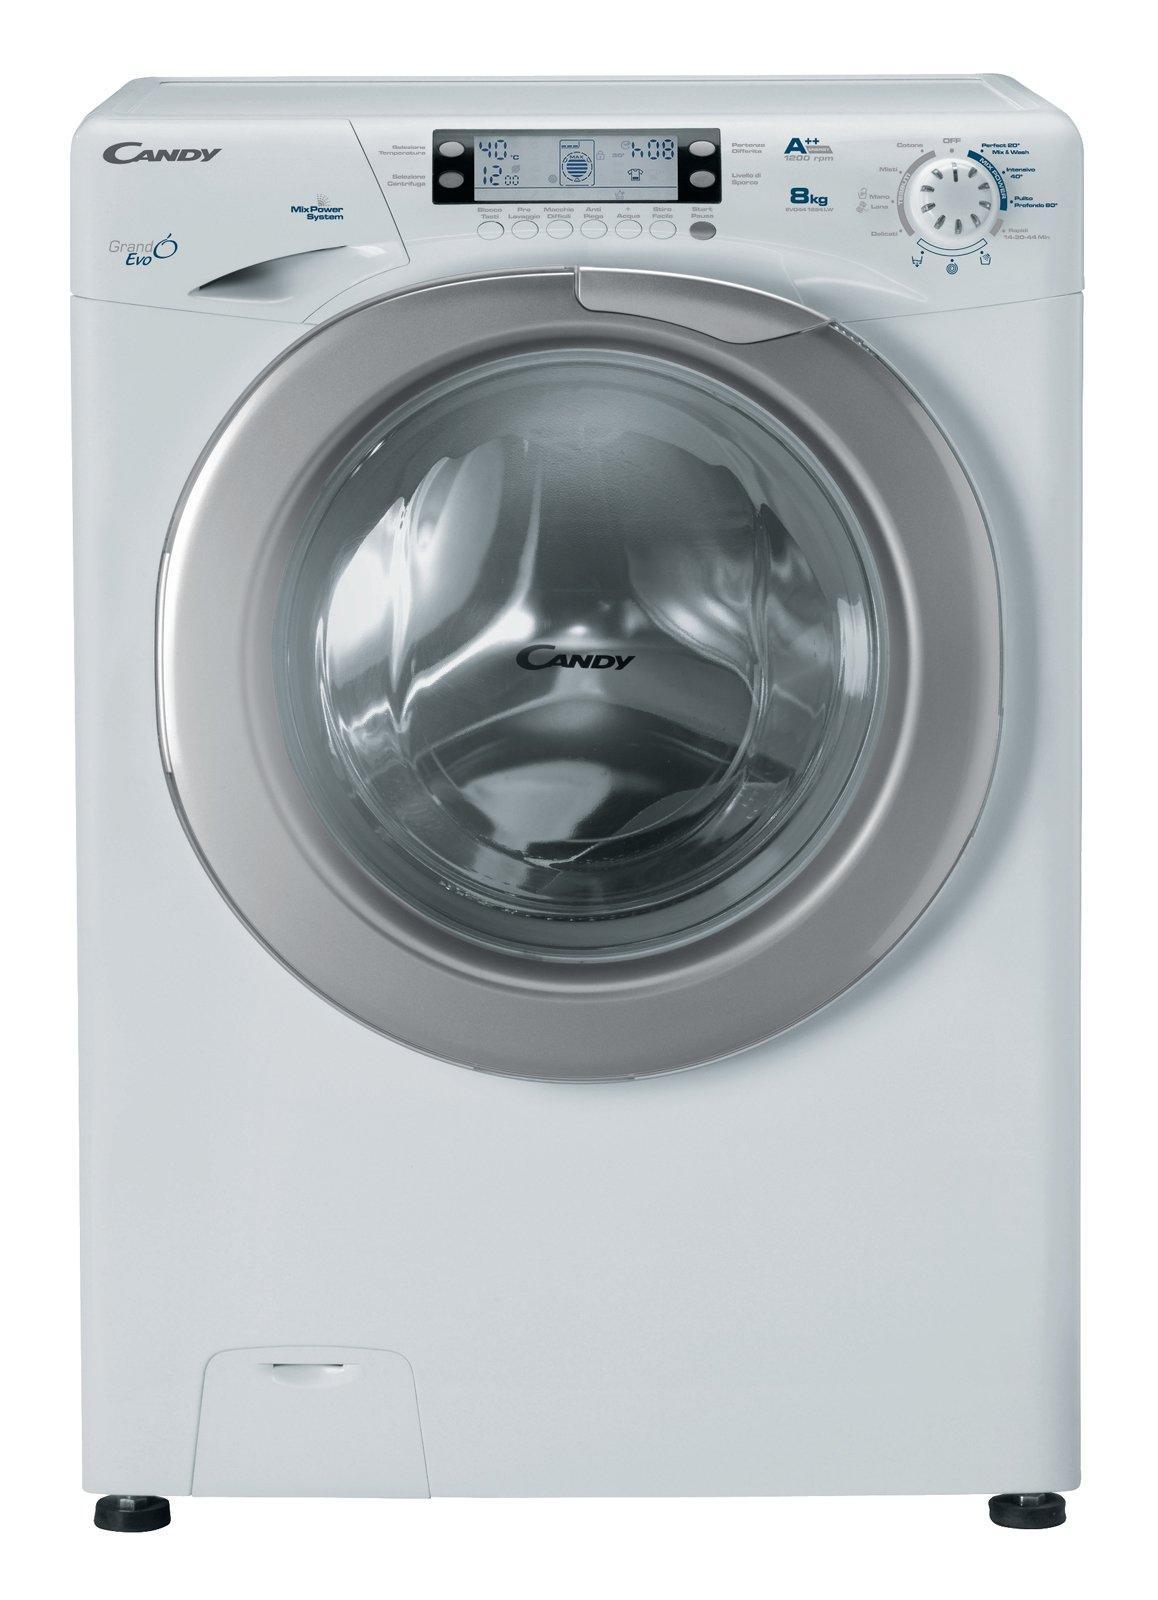 Lavatrici il modello giusto per ogni esigenza cose di casa for Migliore lavatrice slim 2017